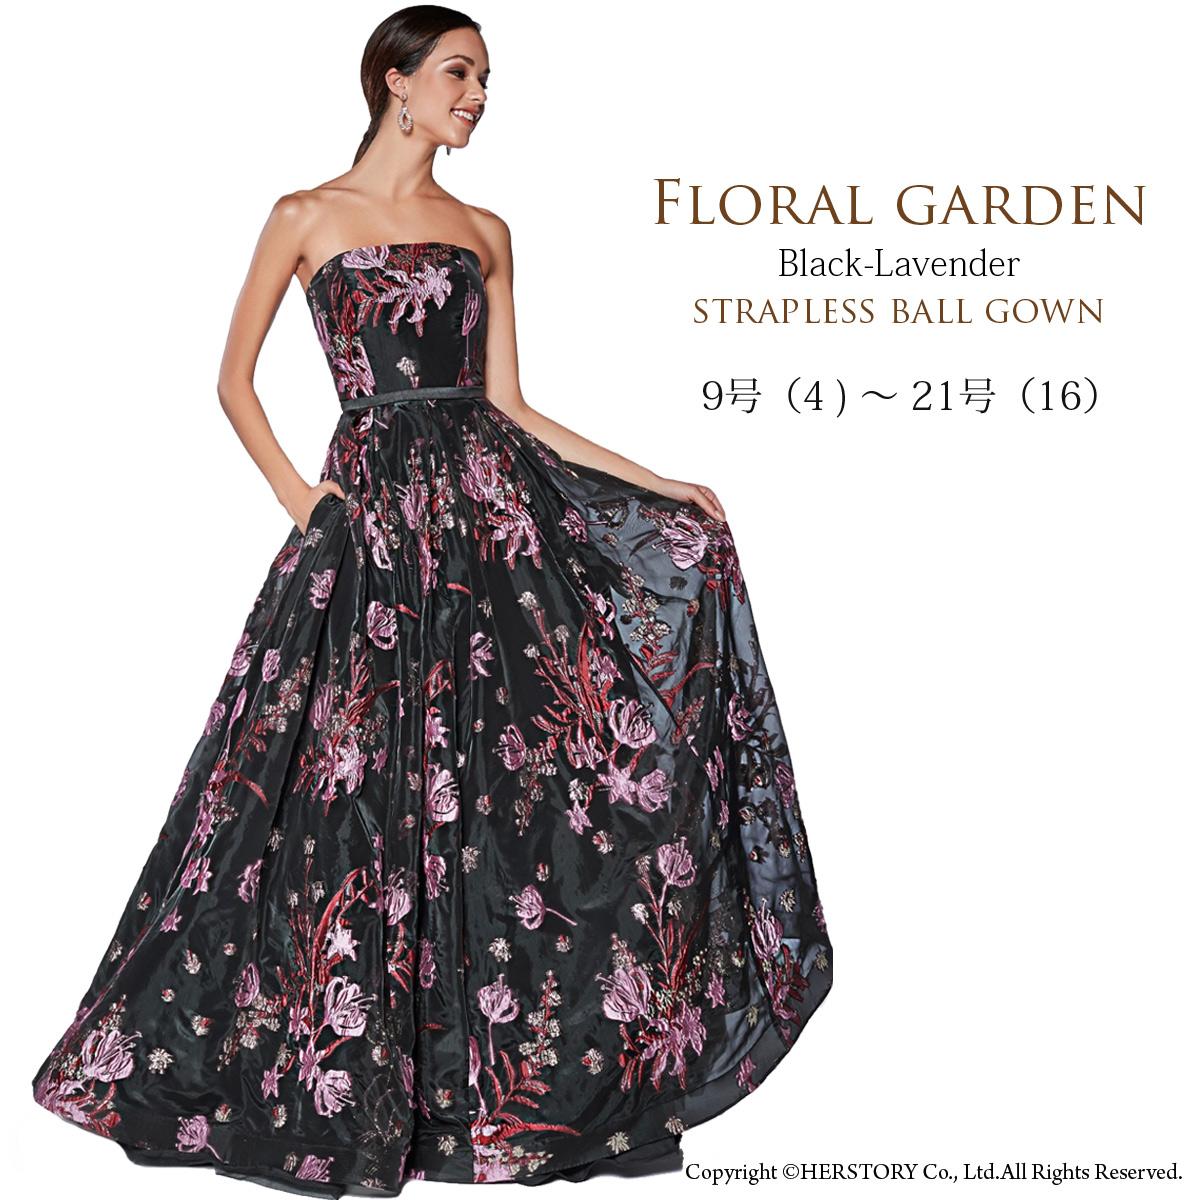 フラワー 刺繍 Aライン ロングドレス 大きいサイズ ステージドレス 演奏会ドレス ブラック ビスチェ ゴージャス インポート フォーマル 高級 FD-230038